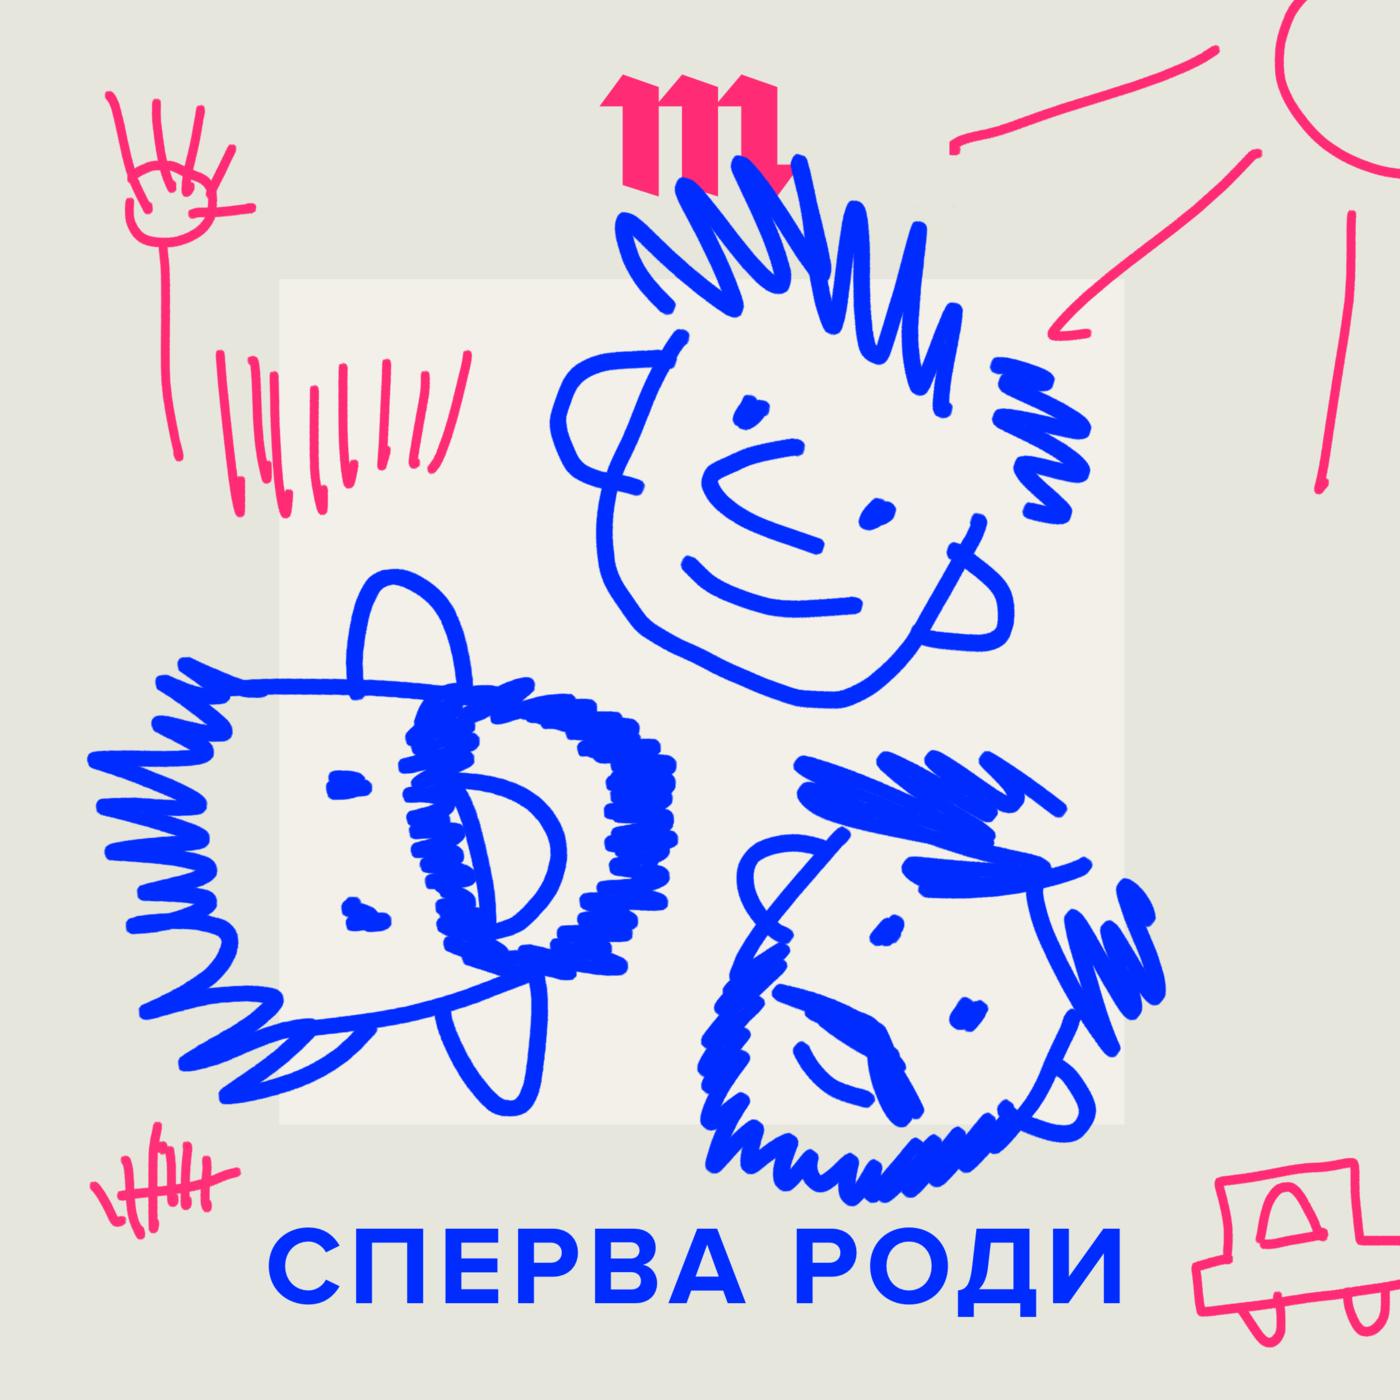 Юрий Сапрыкин «Дети тупят, я туплю рядом». Выпуск про зимние каникулы — с искусственным ведущим и настоящим путешествием на вулкан